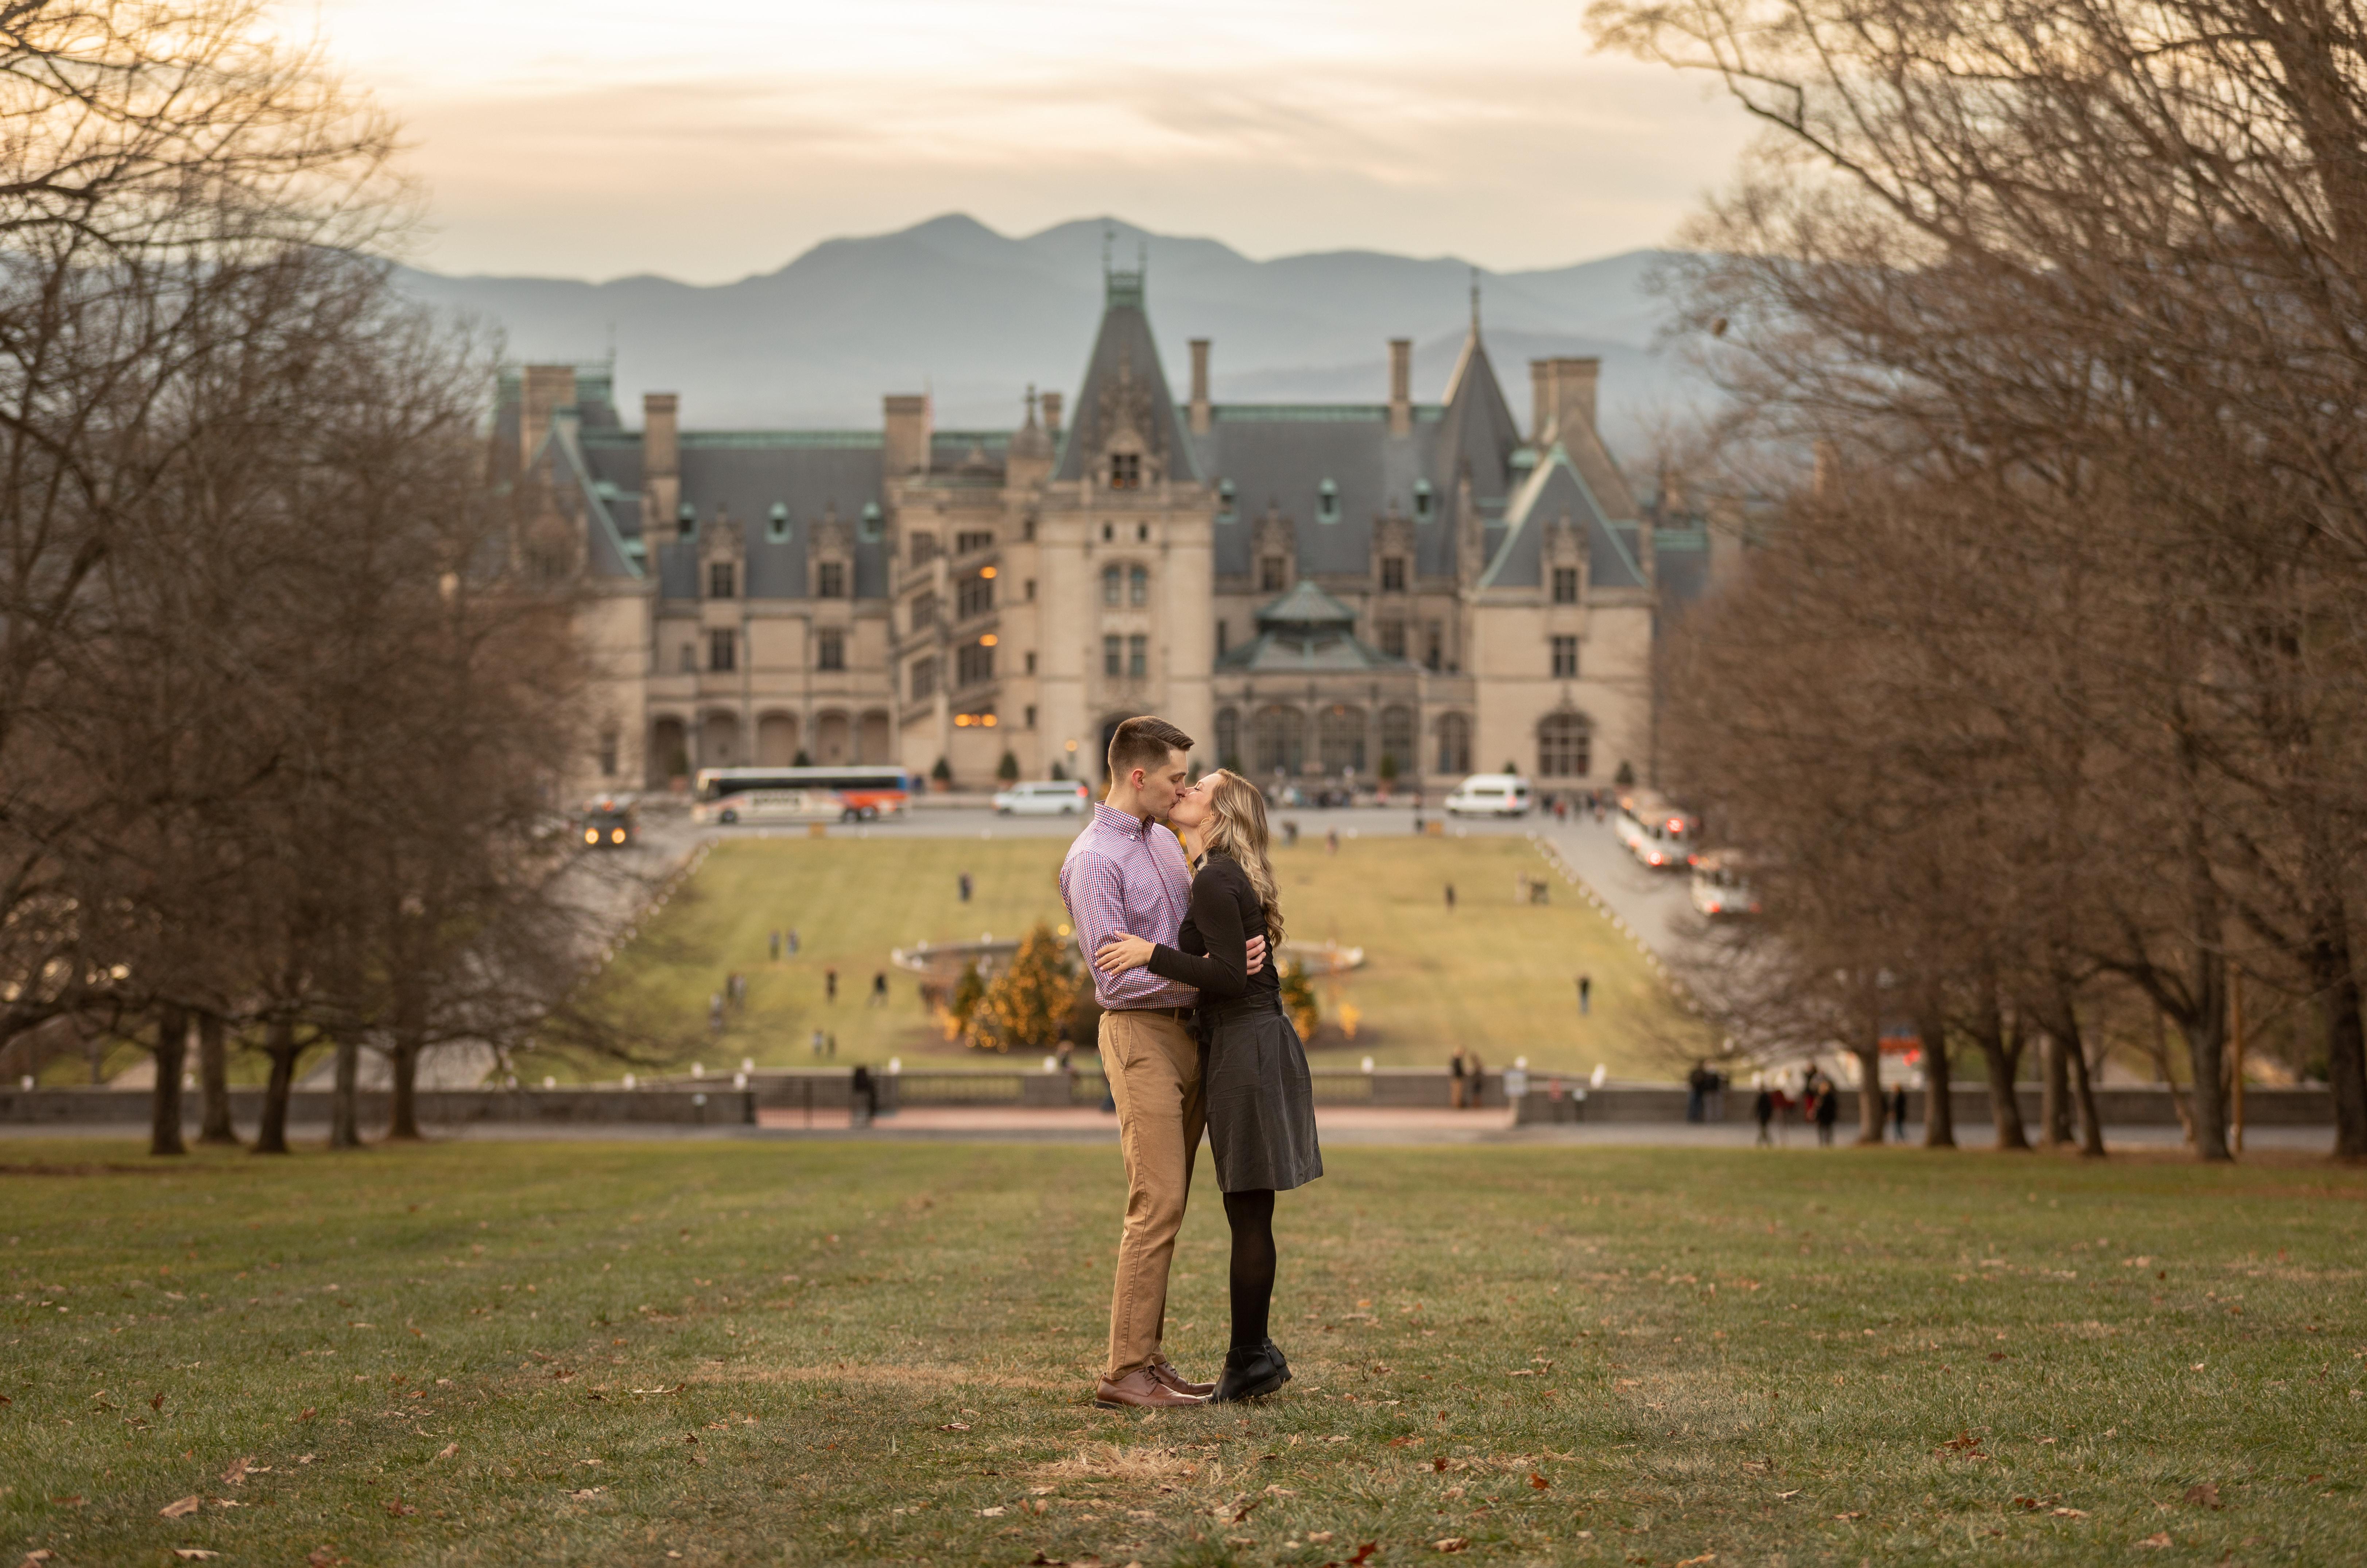 Biltmore proposal photos